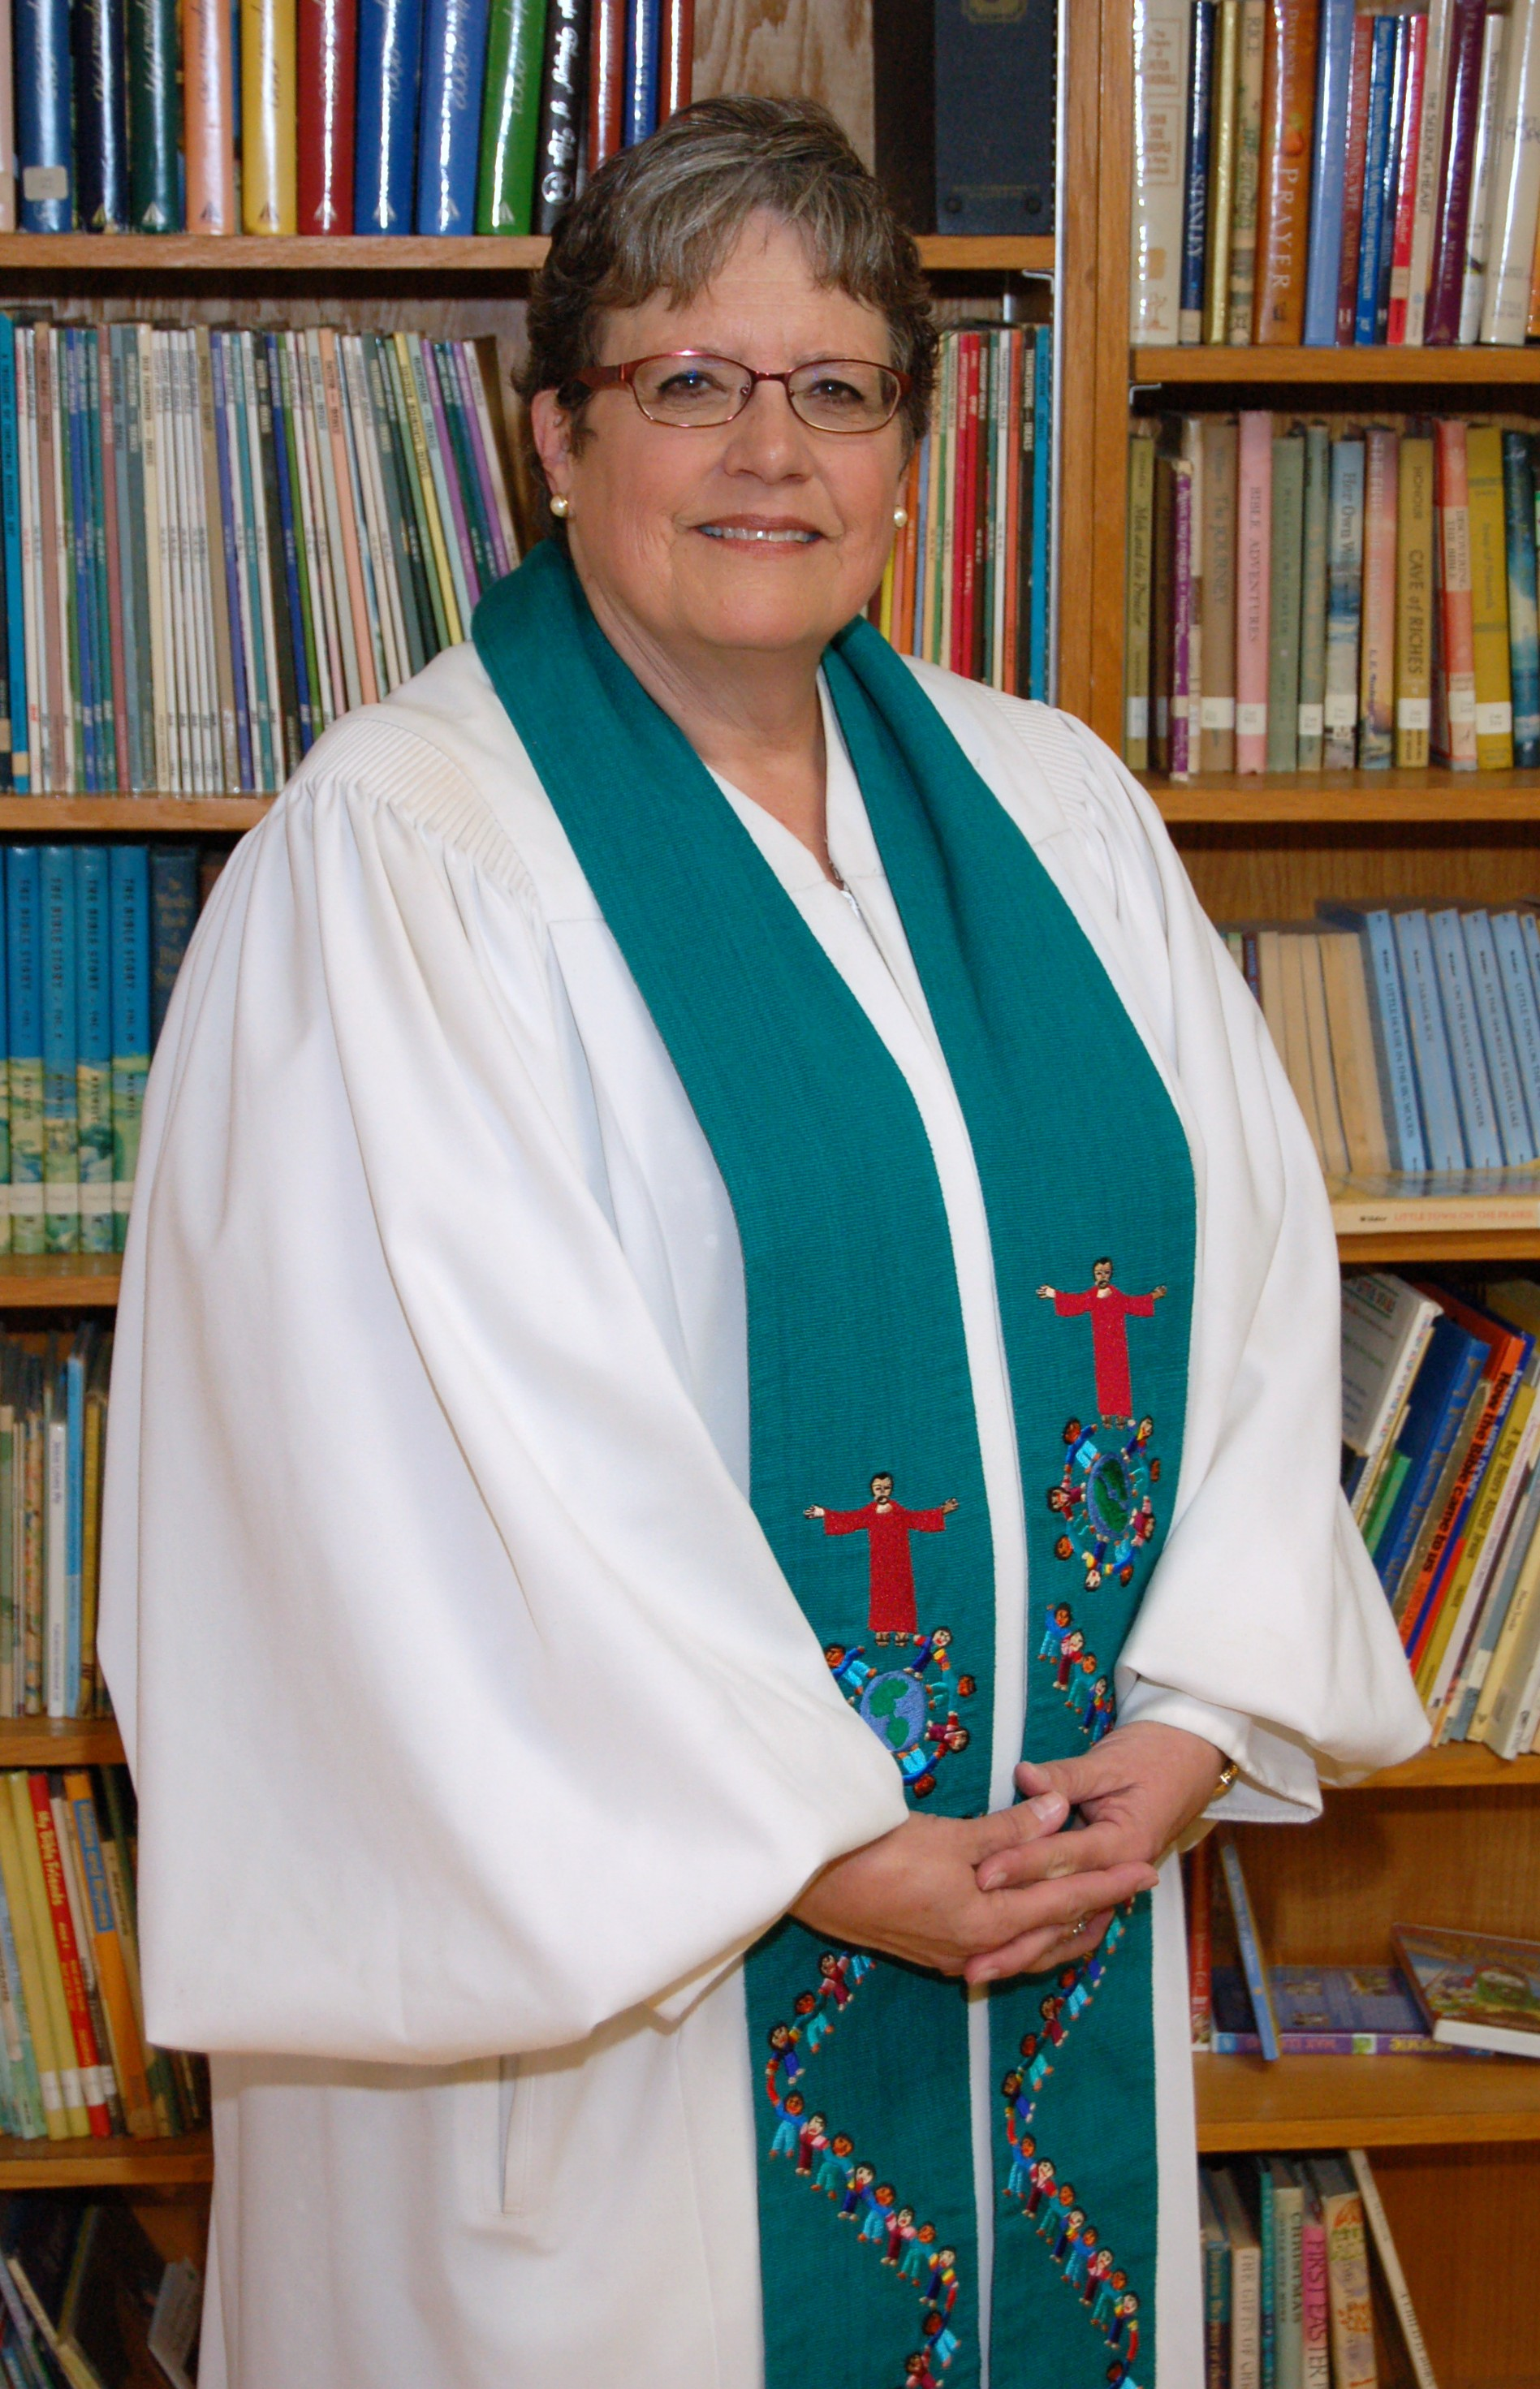 Pastor Cathi Huvaere